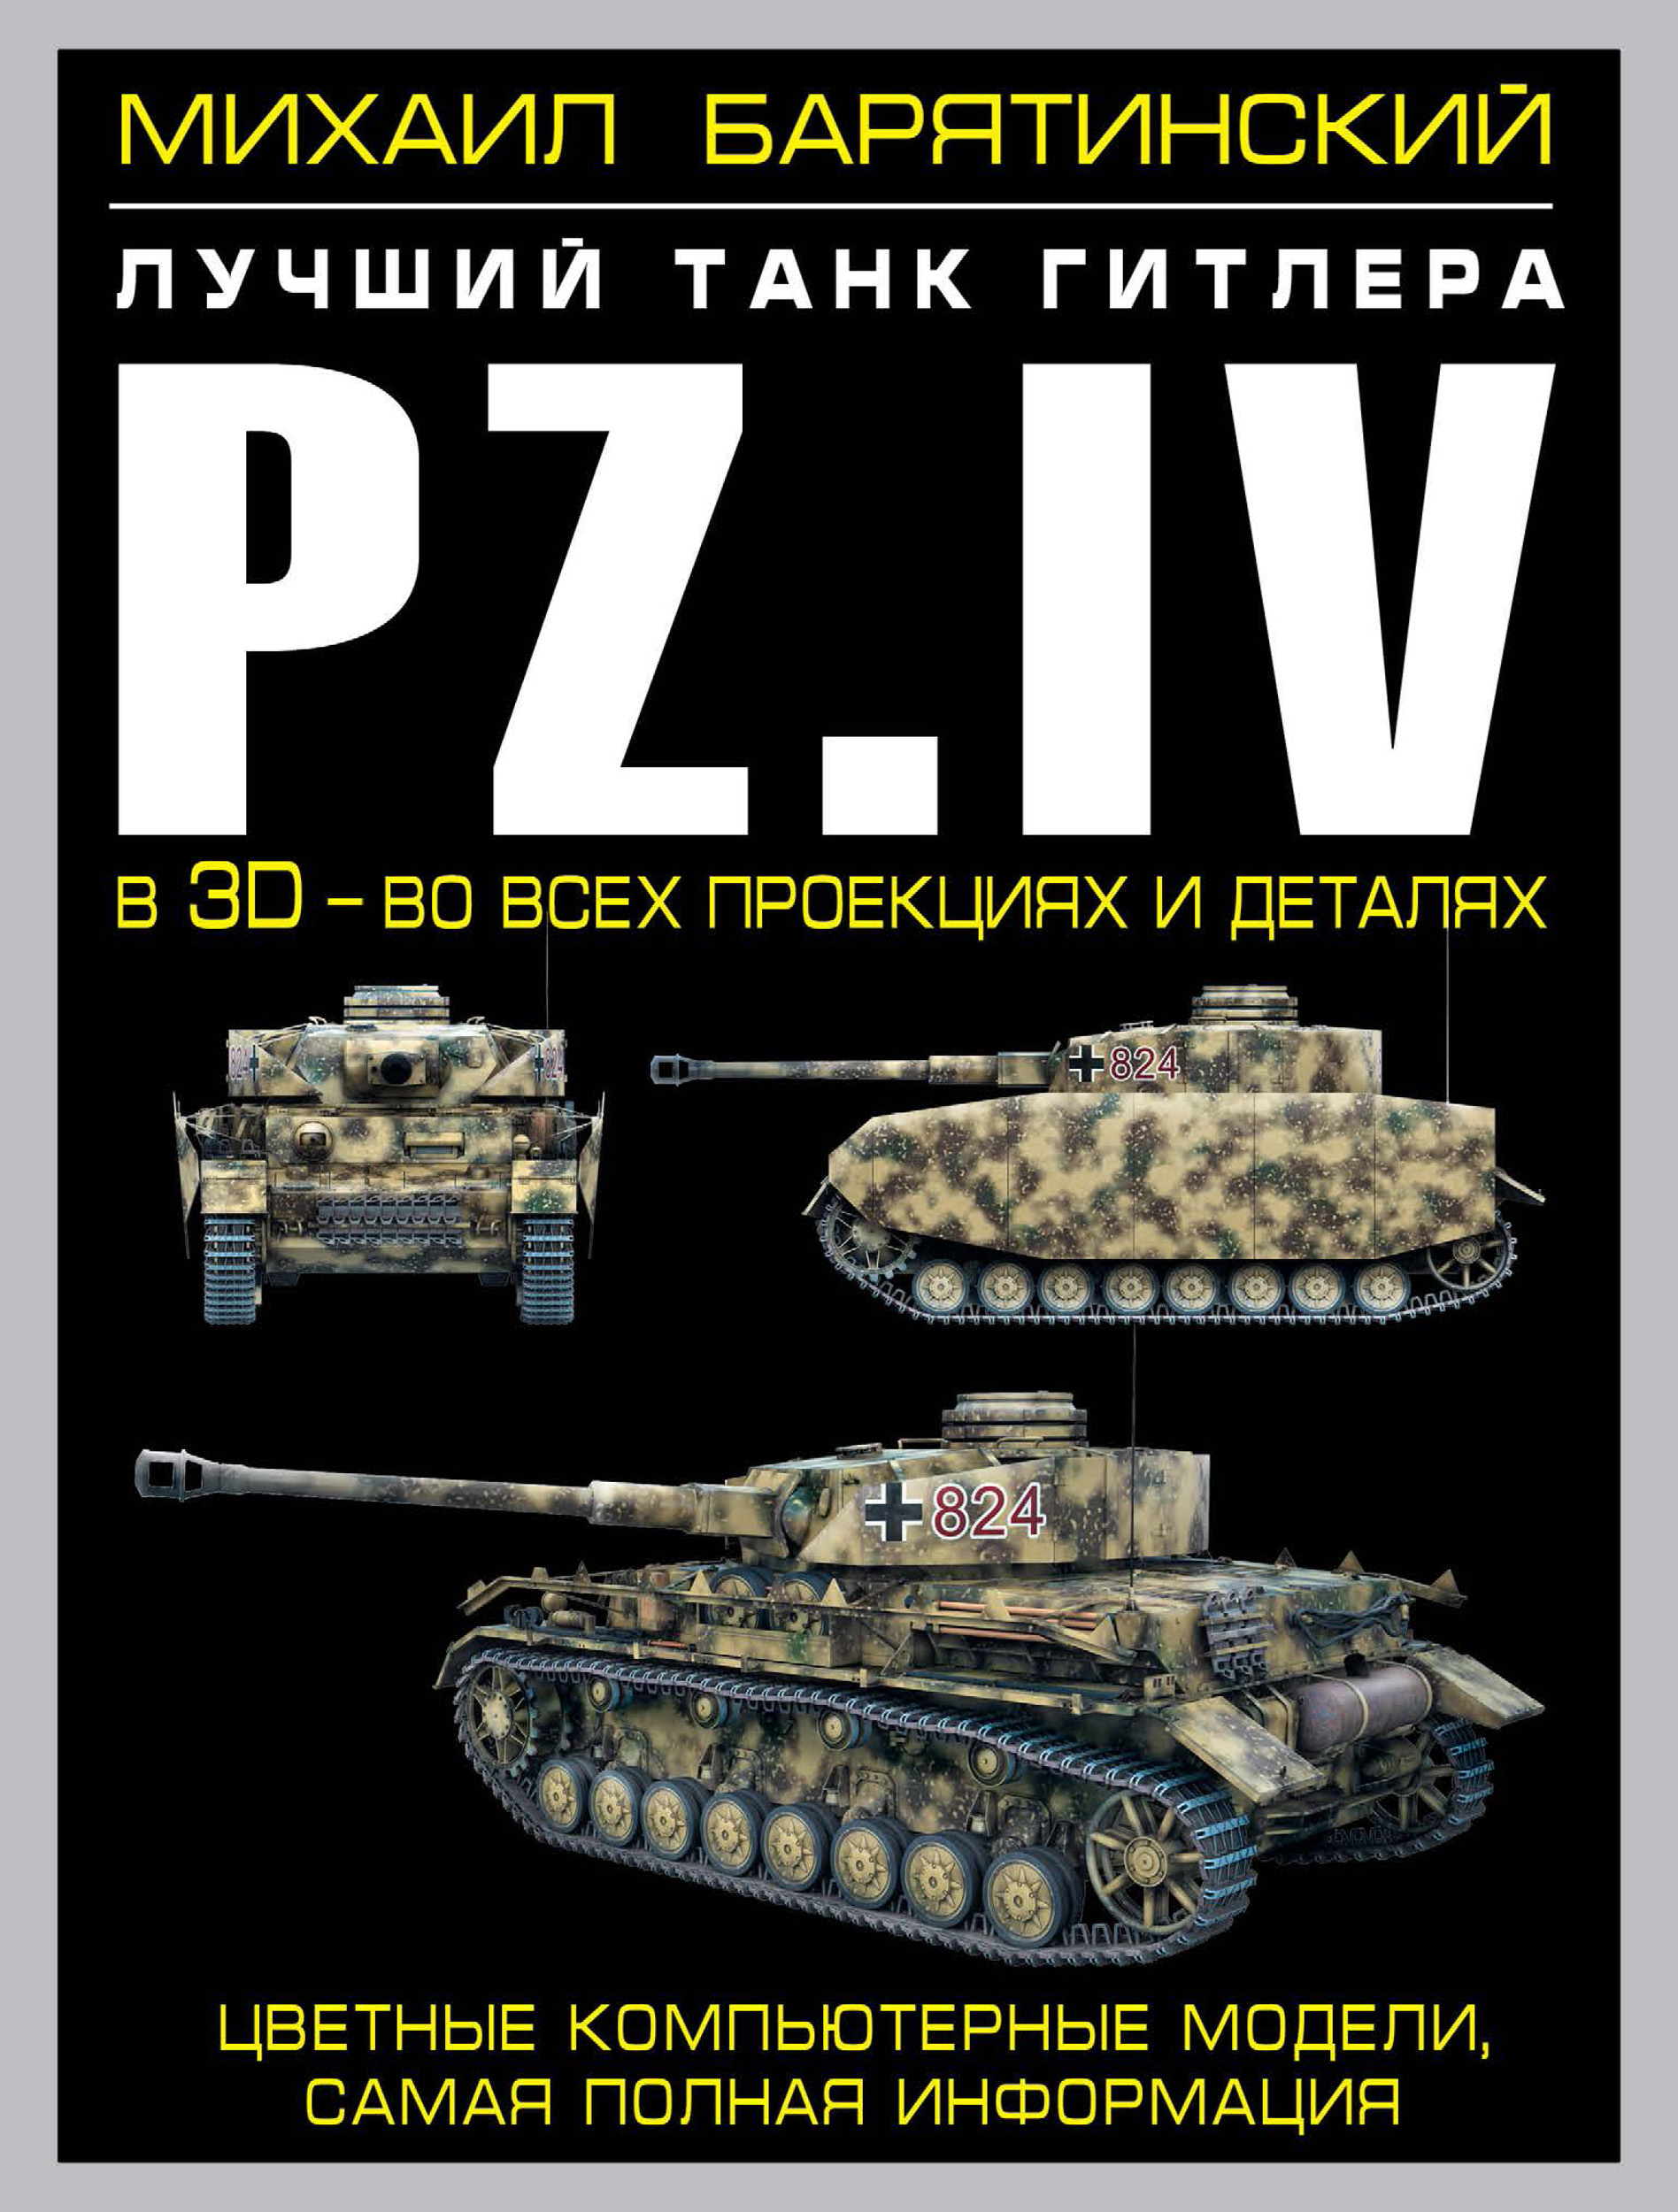 цены Михаил Барятинский Pz.IV. Лучший танк Гитлера в 3D – во всех проекциях и деталях